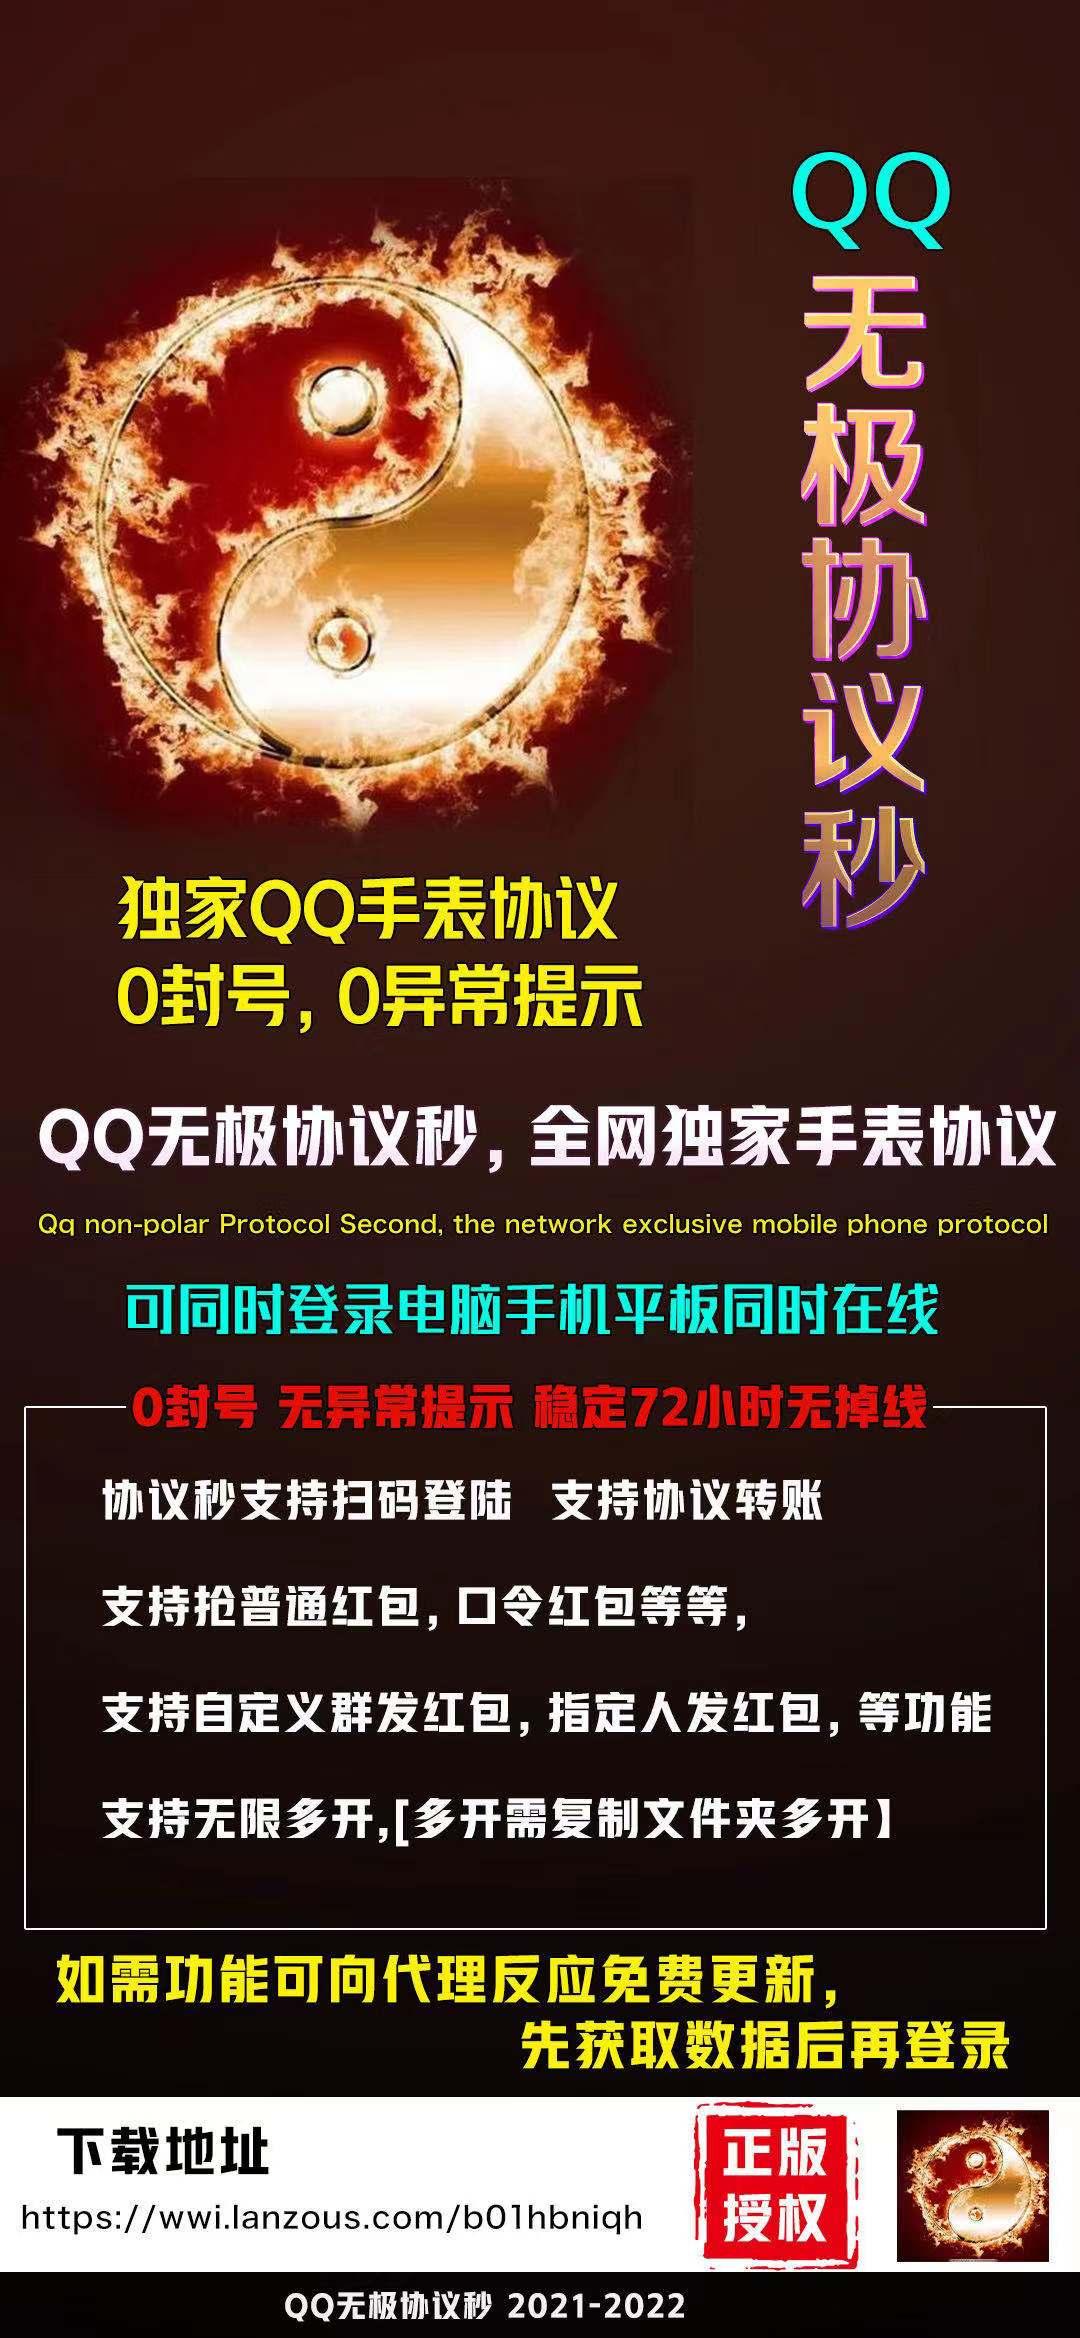 【QQ无极协议秒】月卡授权